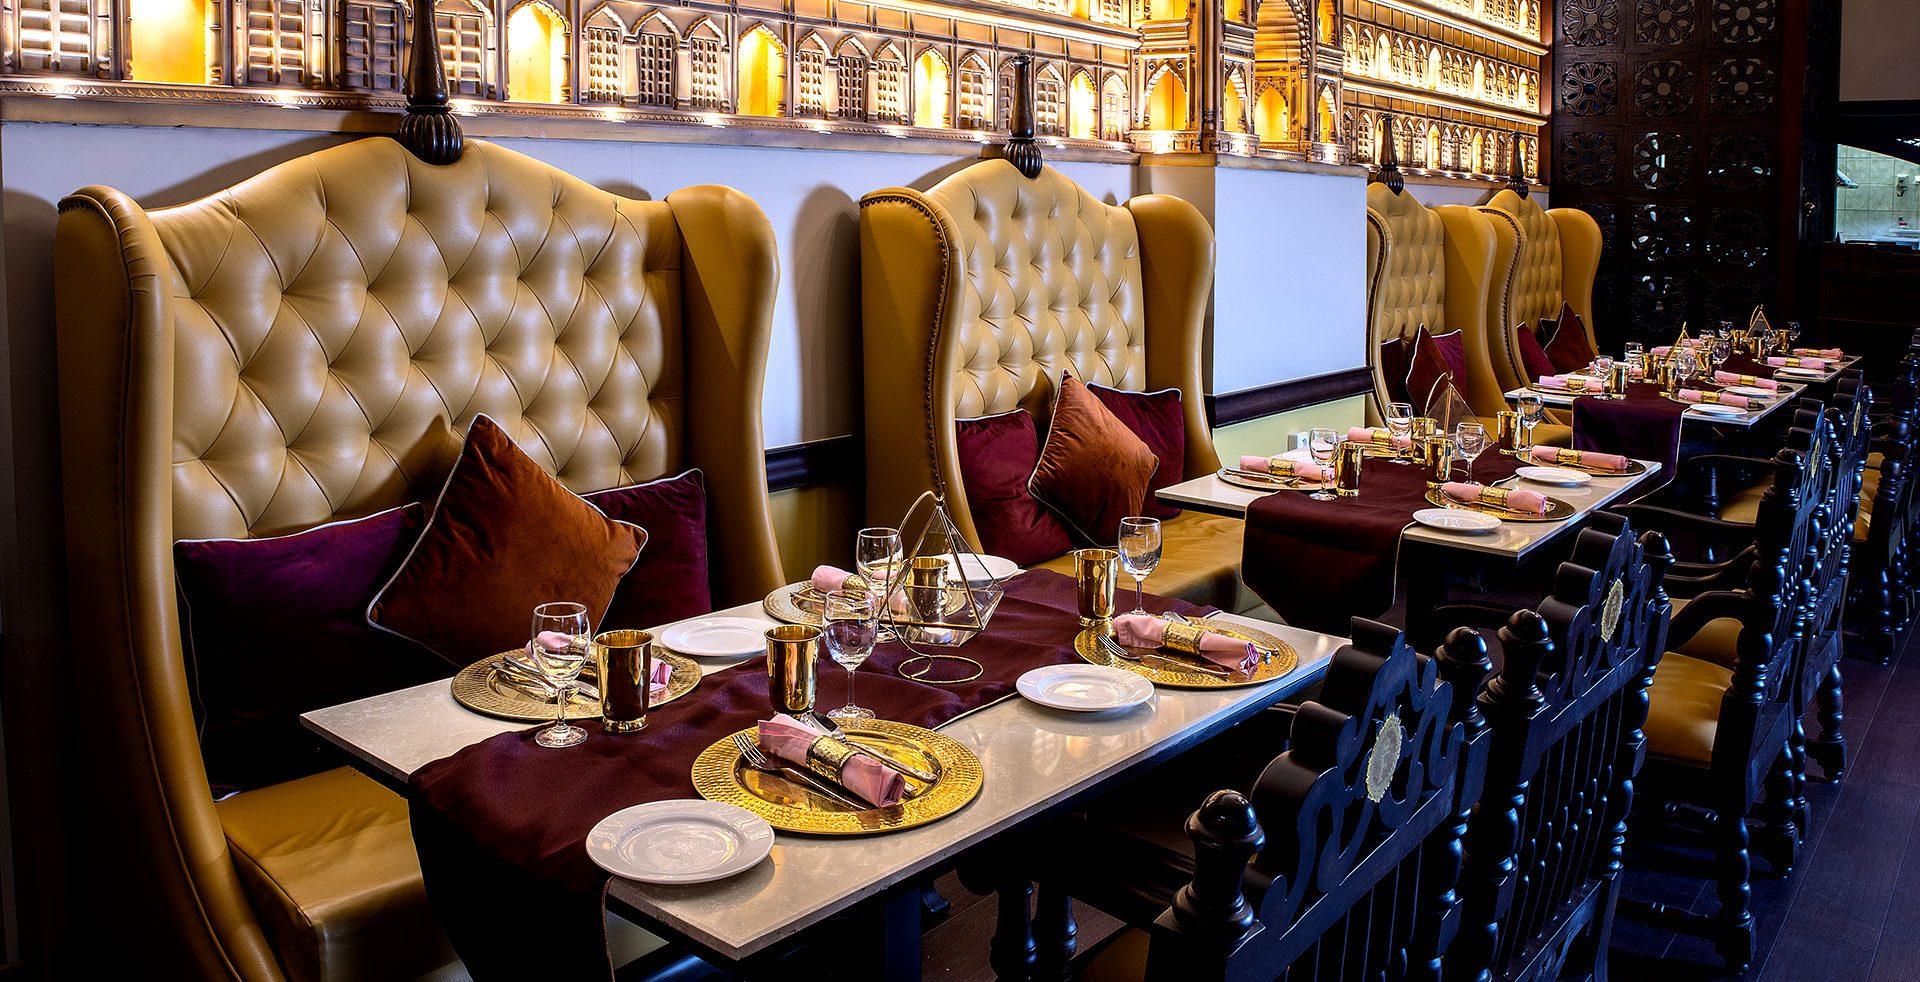 Best Indian Food Restaurant in Prague